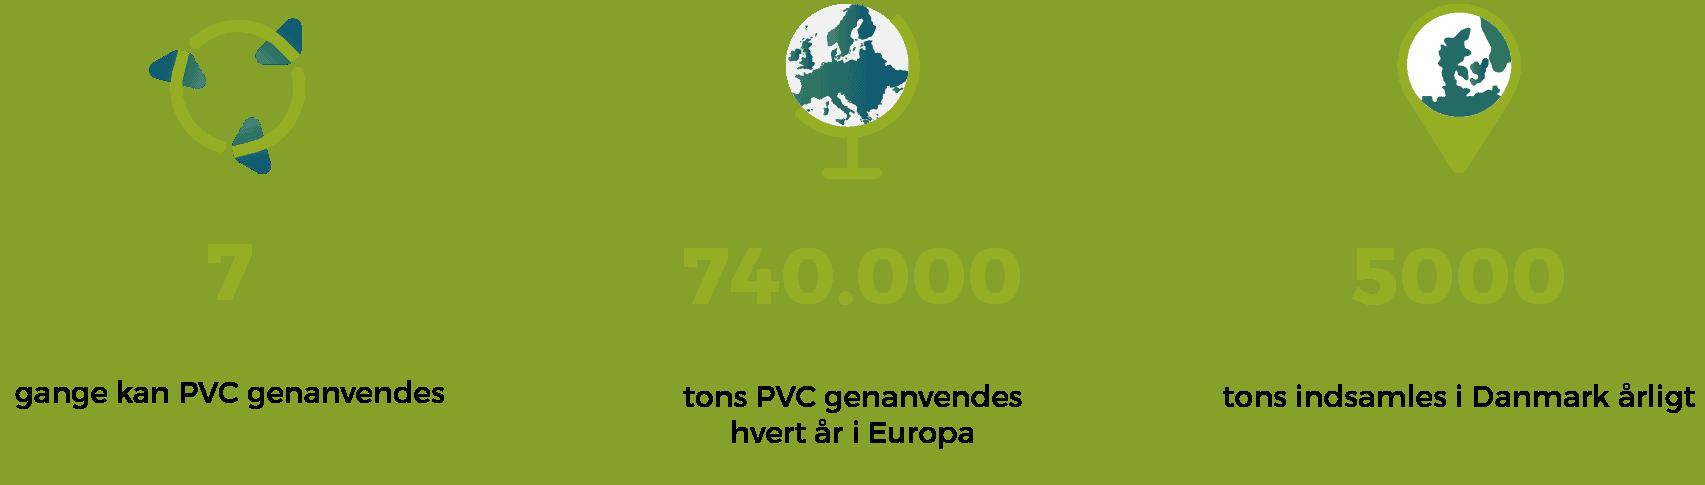 pvc genanvendelse fakta